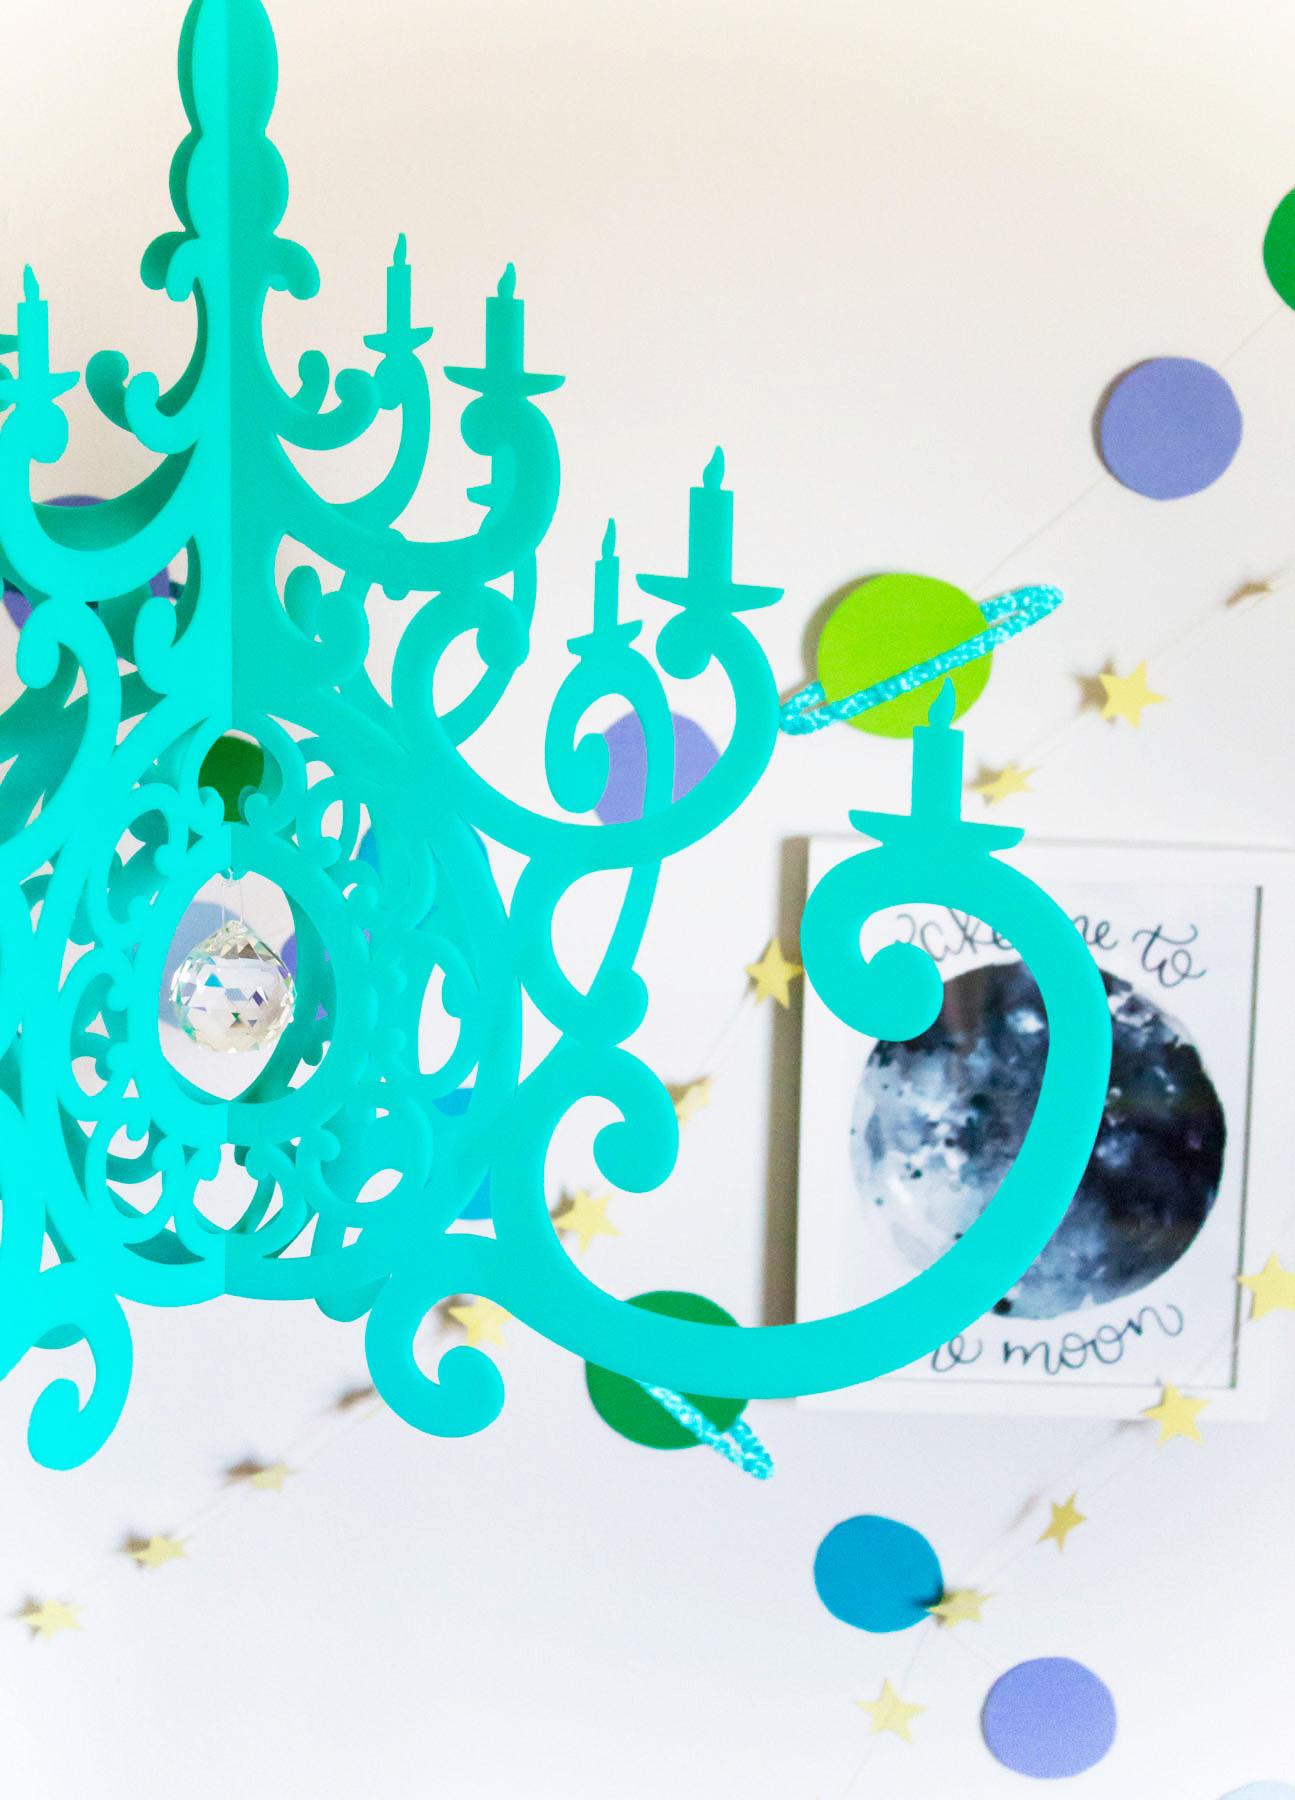 chandeliershoot-5777.jpg